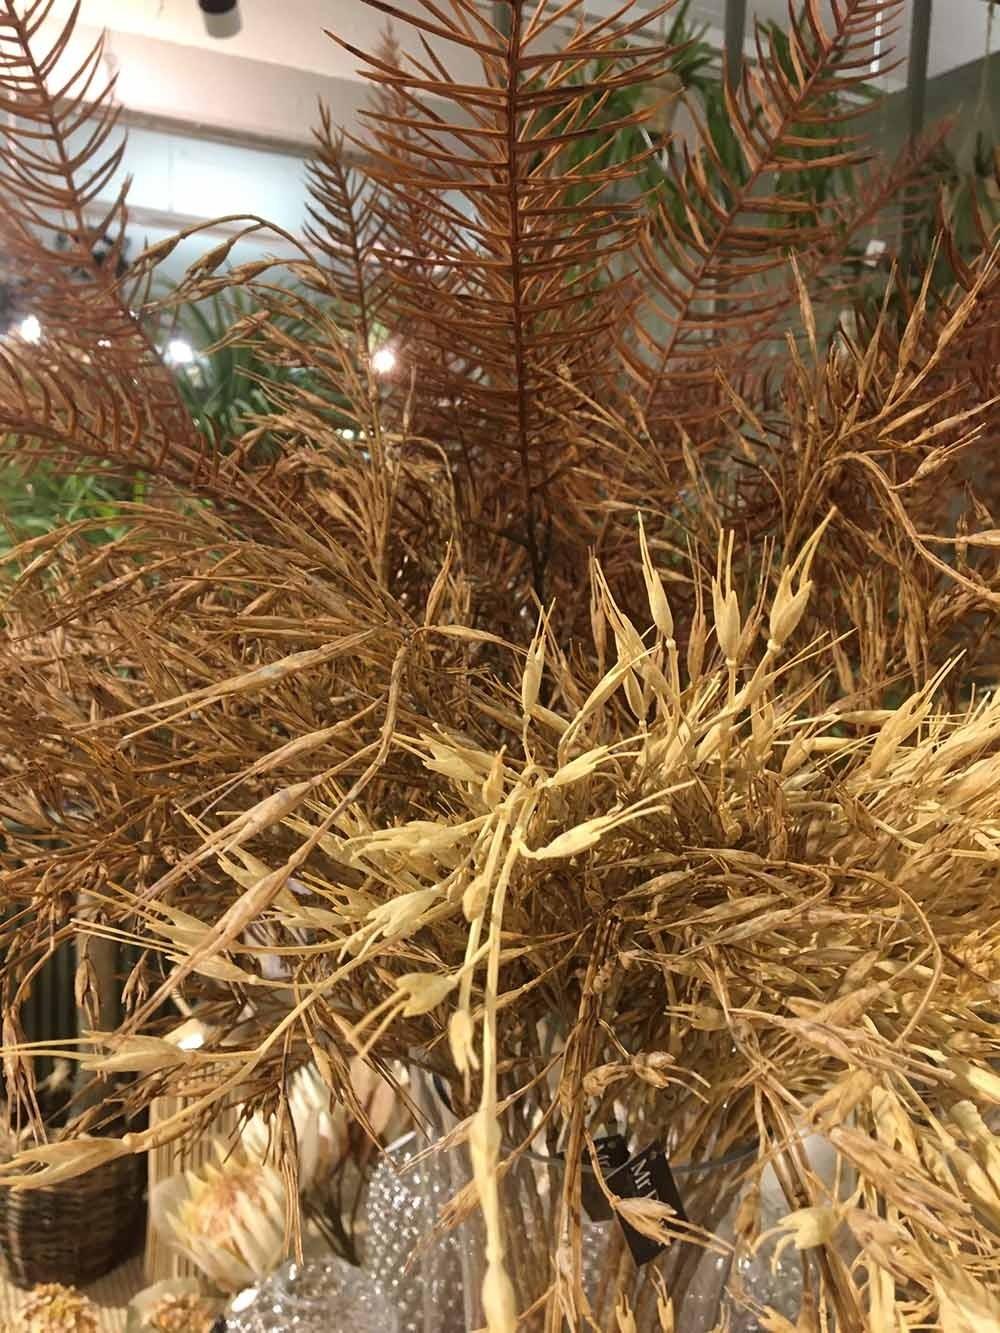 Gräs, sandbruna havreliknande ax, konstgjort